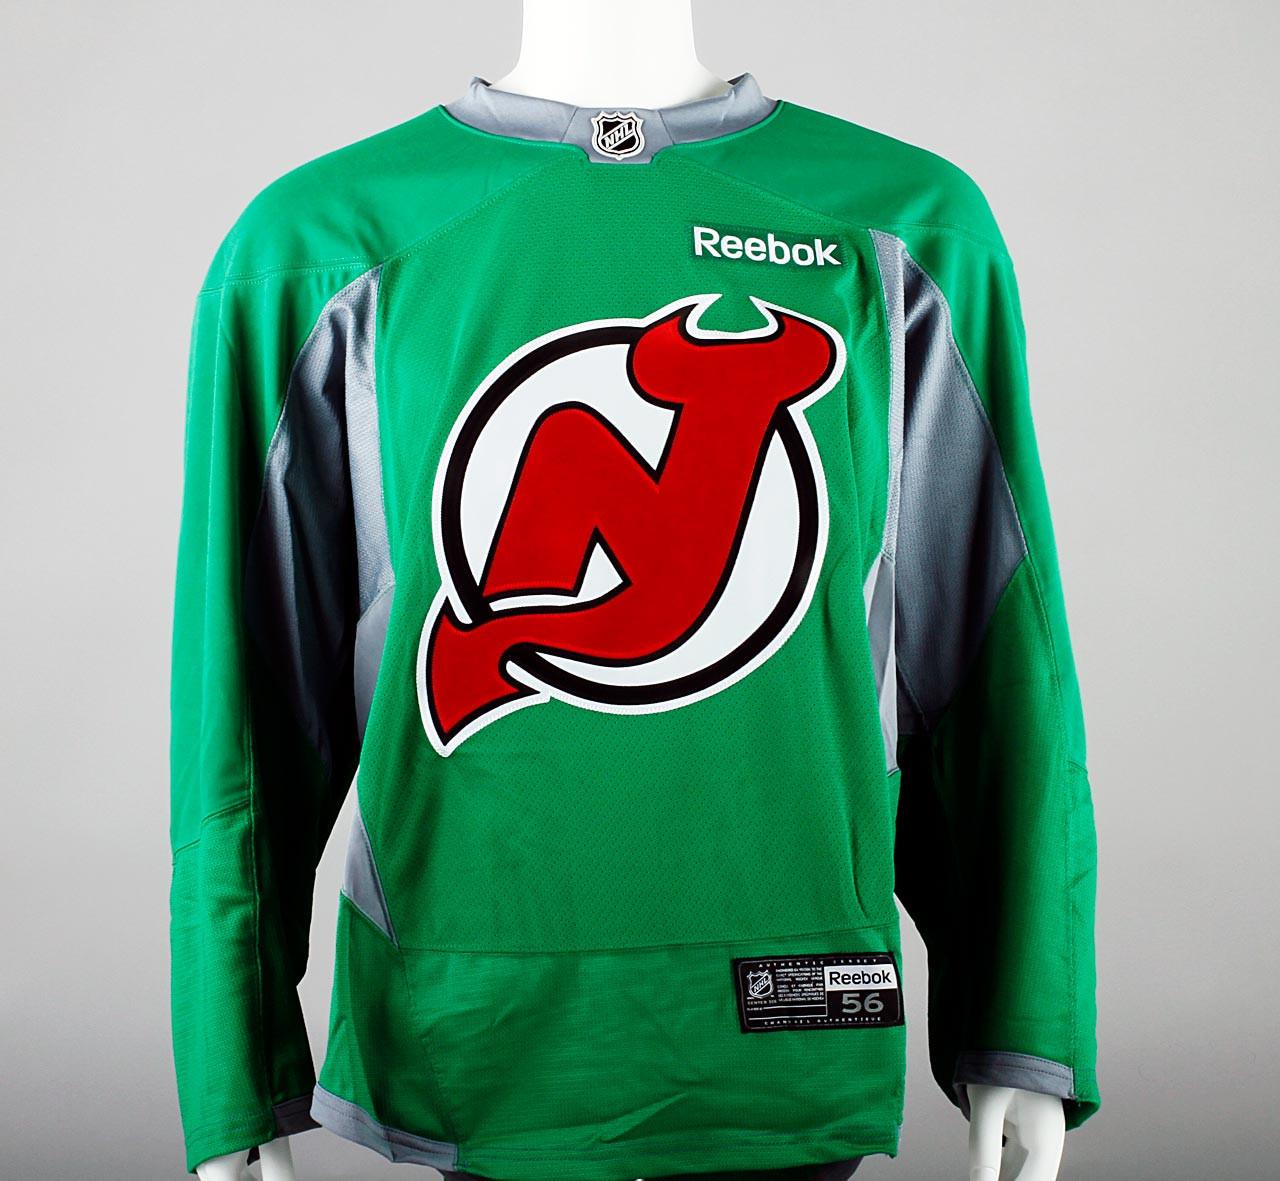 Practice Jersey - New Jersey Devils - Green Reebok Size 56 #3